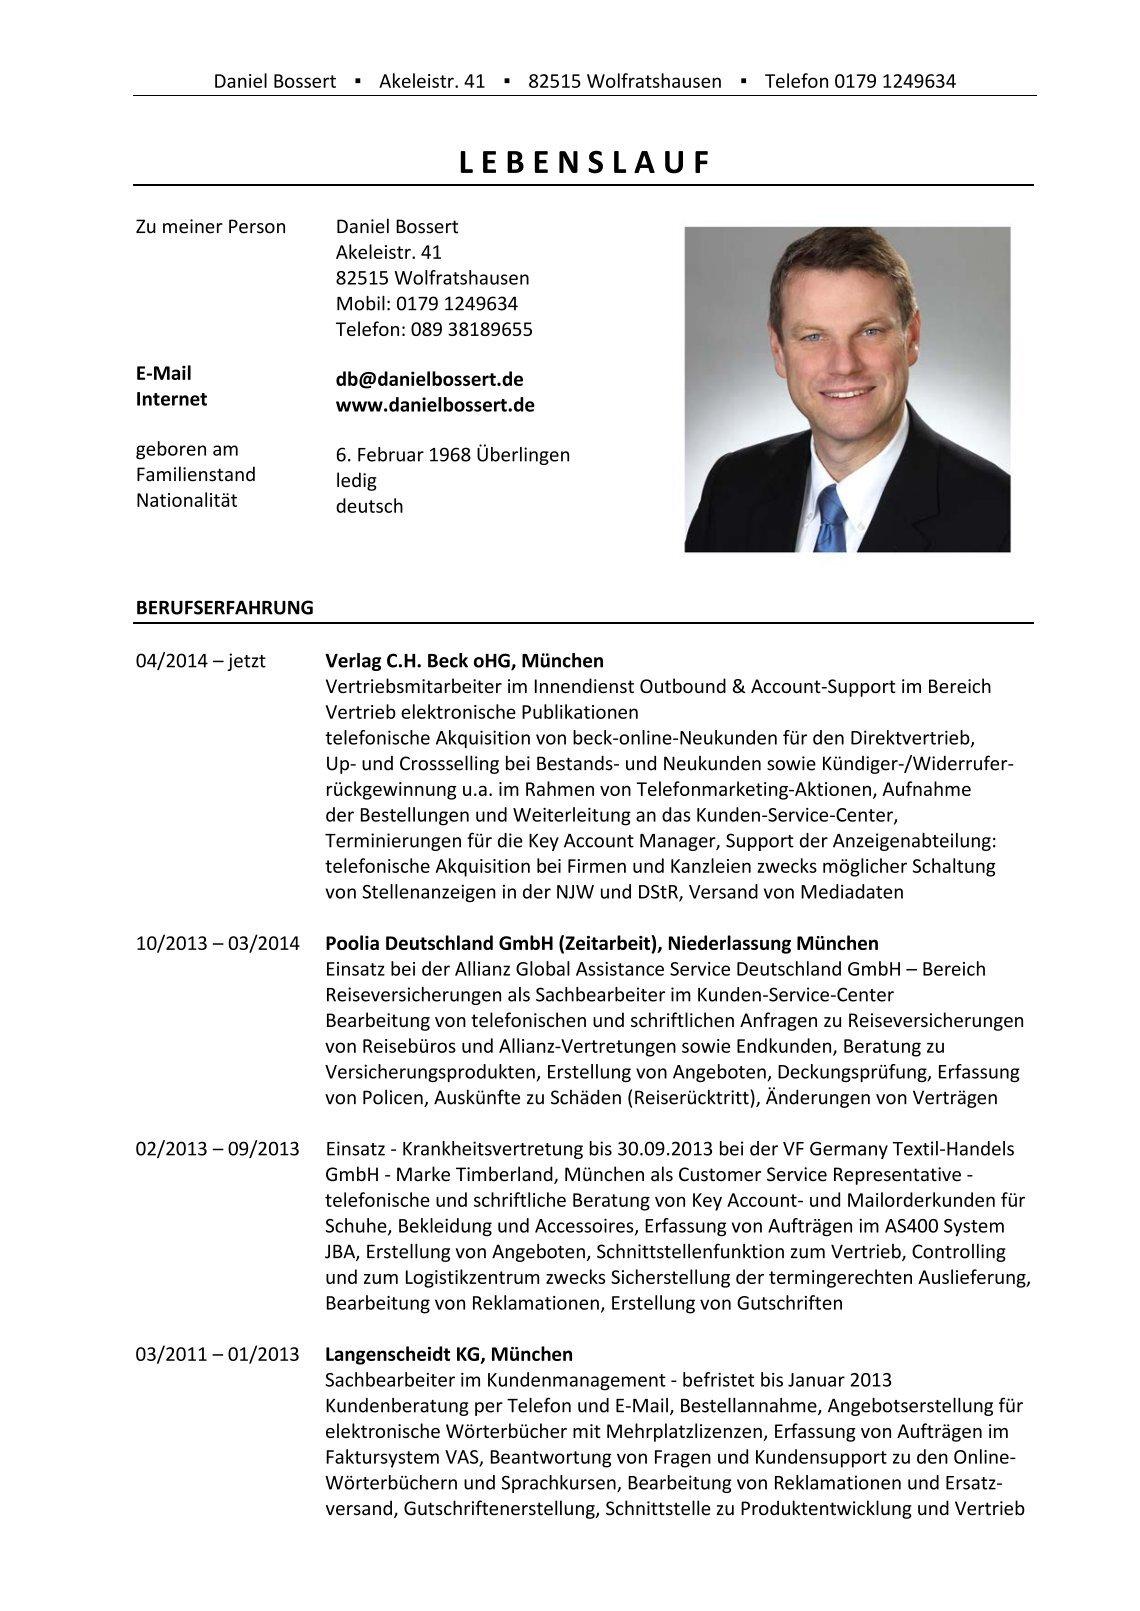 Fein Probe Lebenslauf Für Gymnasiast Ersten Job Fotos - Entry Level ...